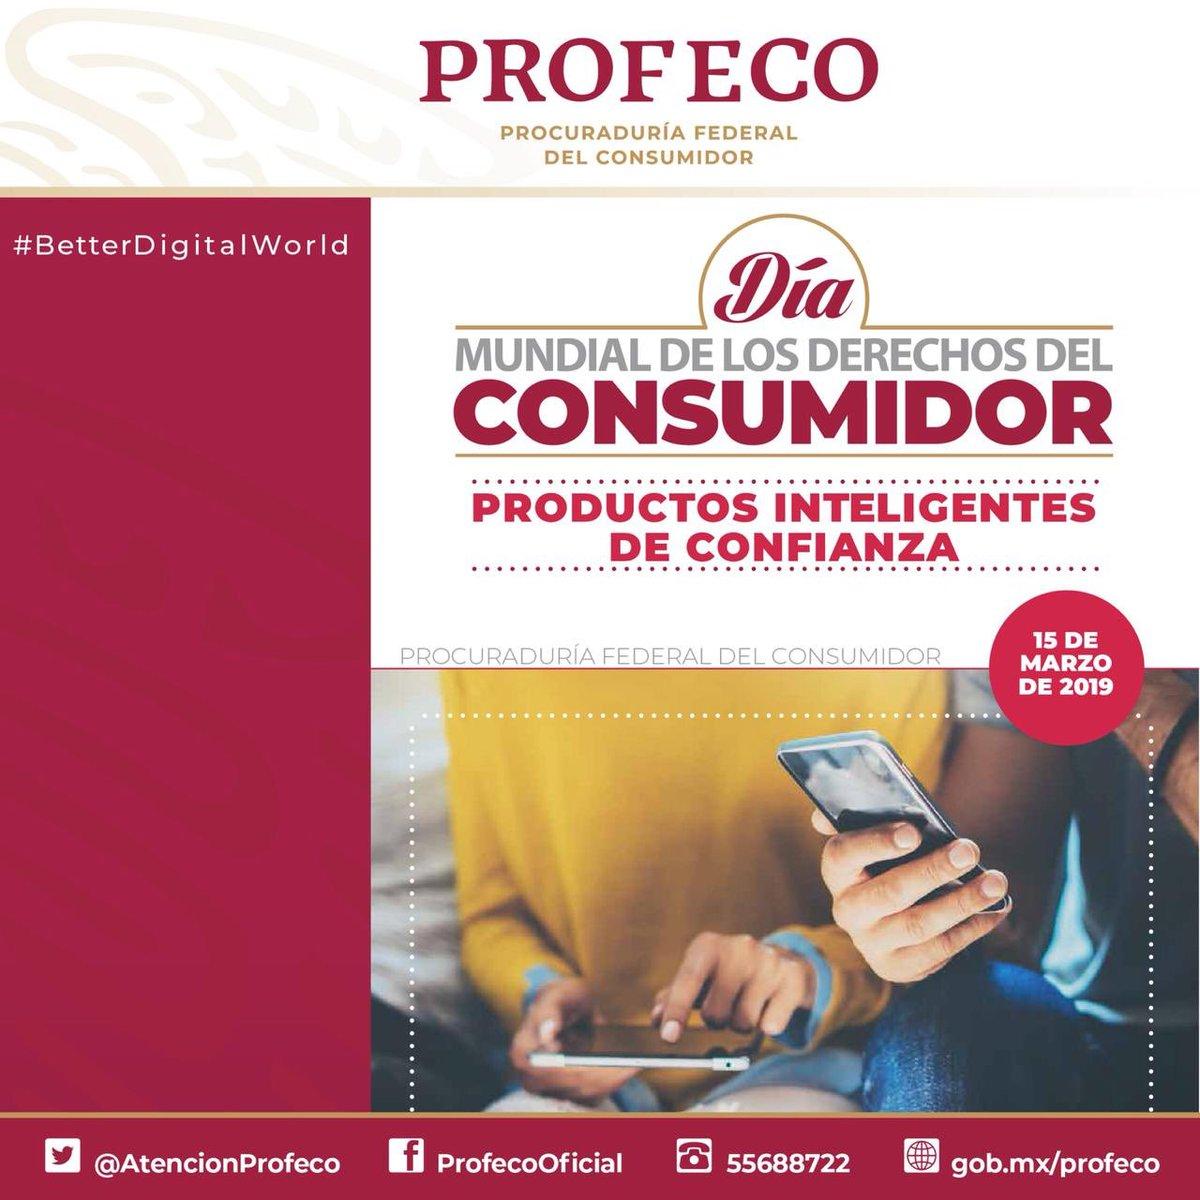 Profeco's photo on Derechos del Consumidor